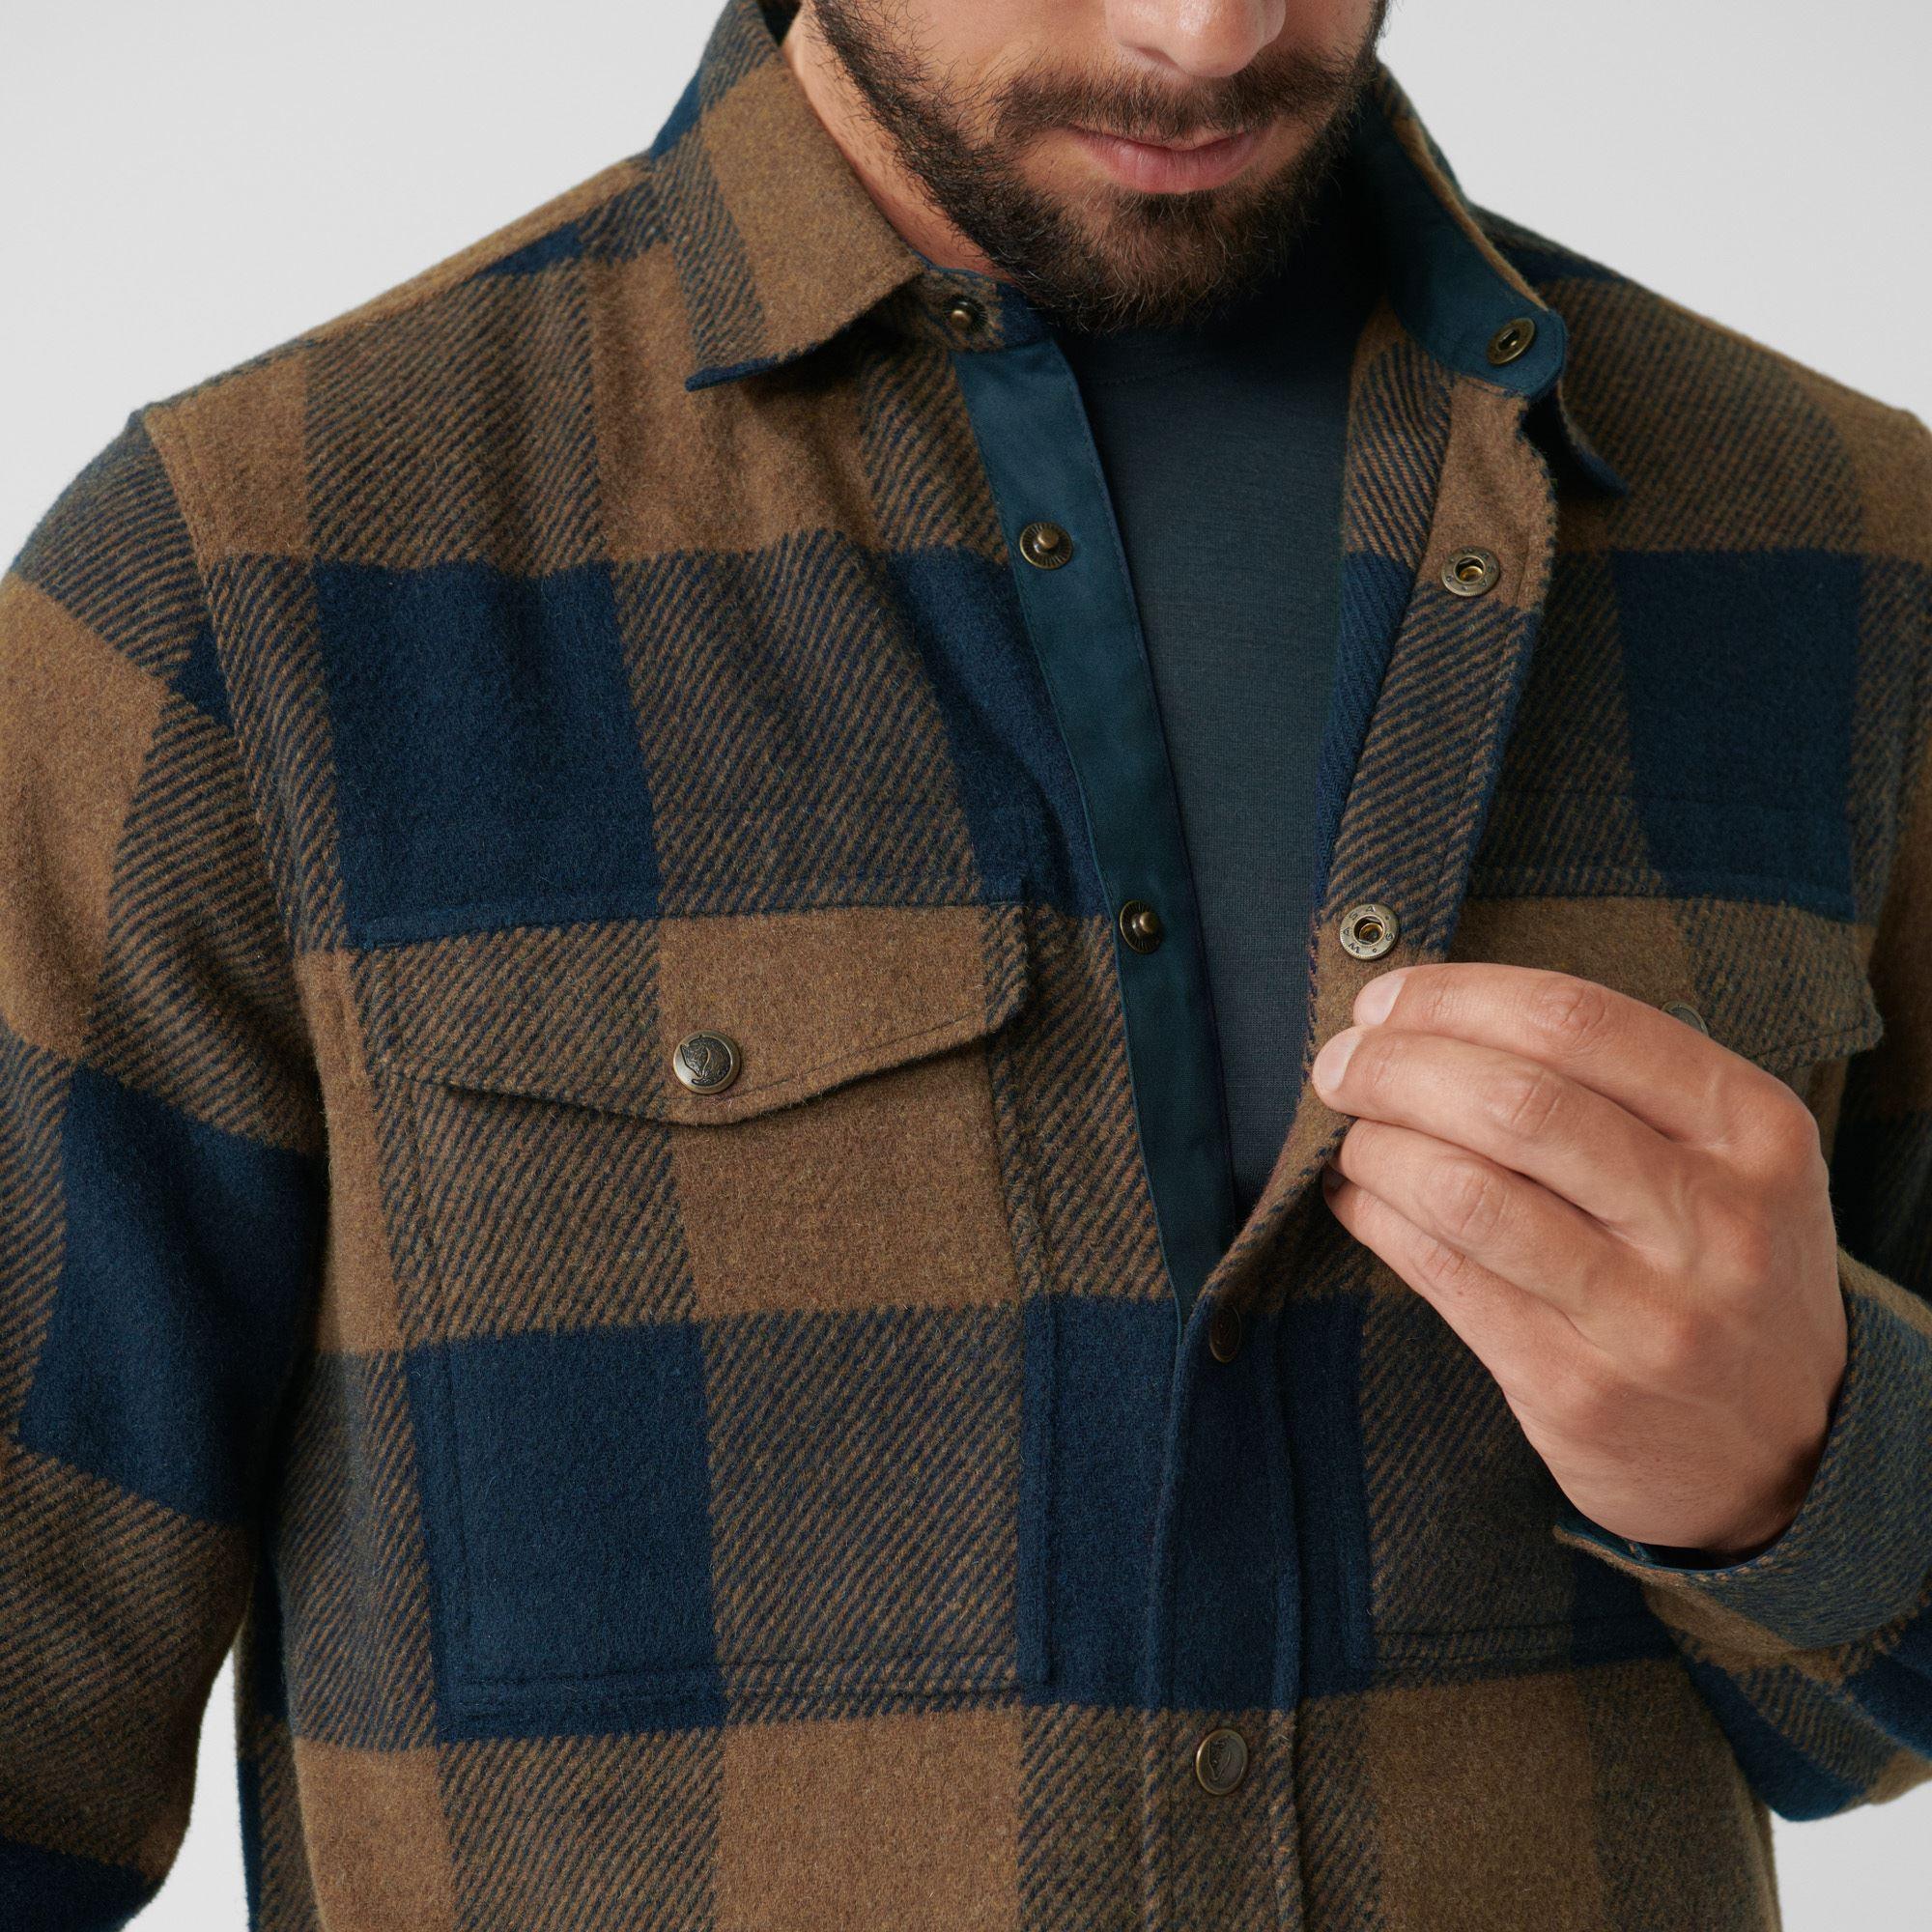 Fjällräven Canada skjorte, chestnut/dark navy, small